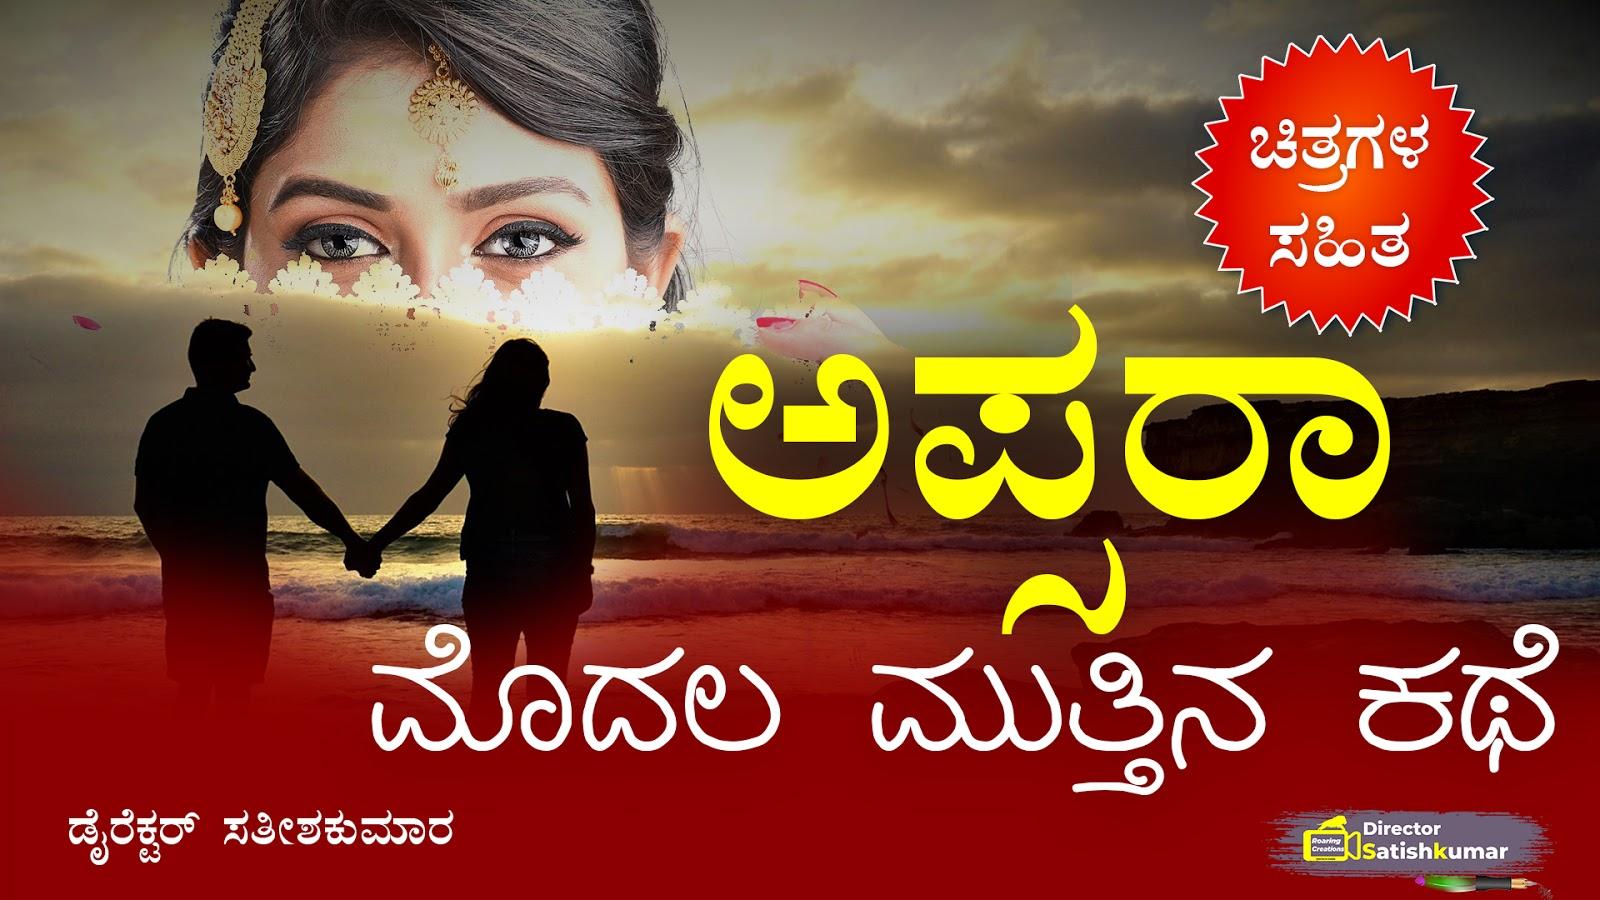 ಅಪ್ಸರಾ - ಮೊದಲ ಮುತ್ತಿನ ಕಥೆ - Kannada Romantic Love Story